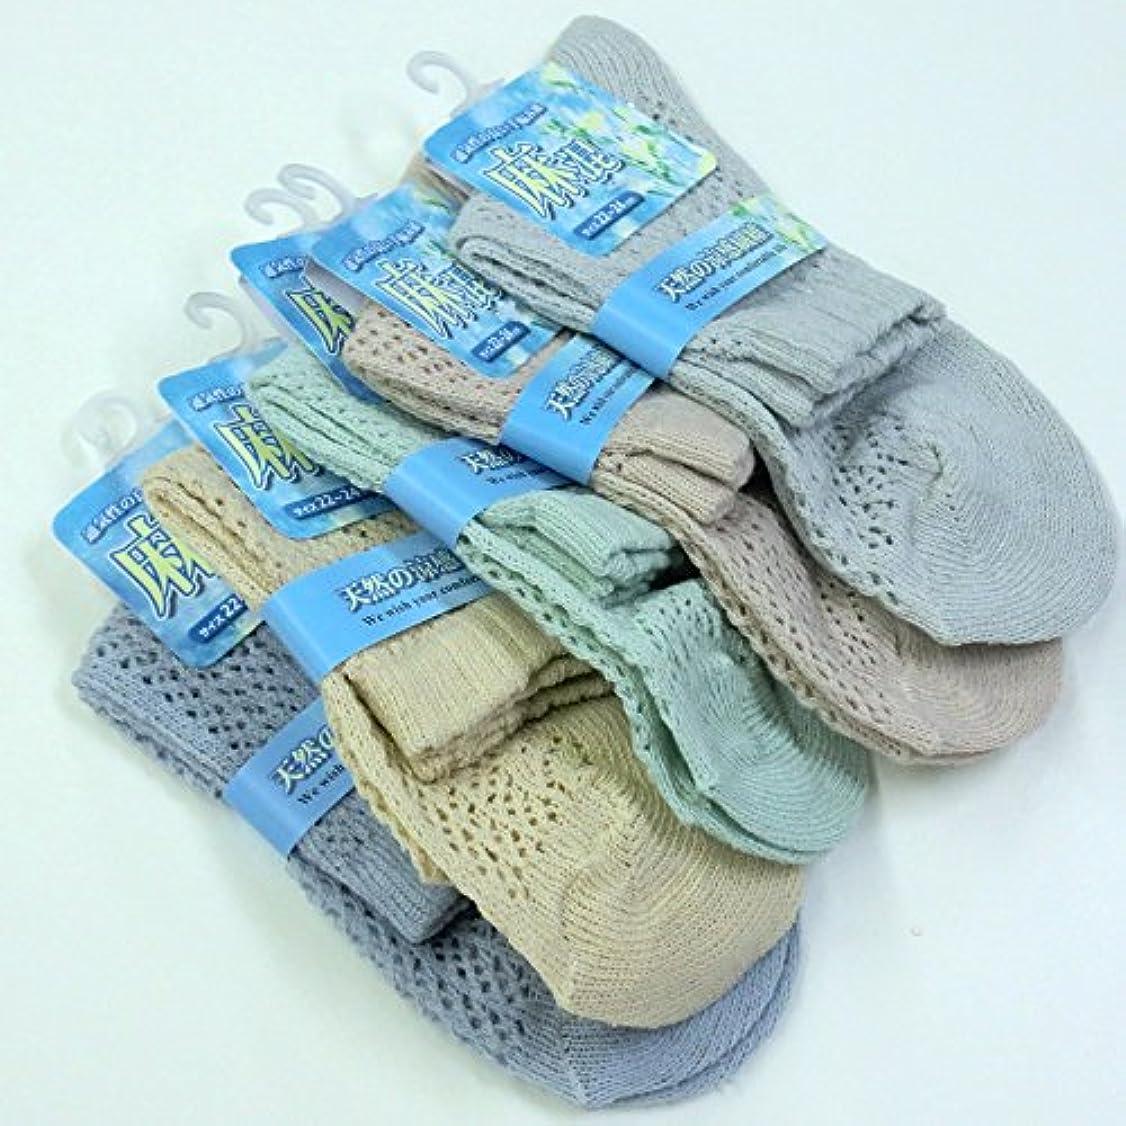 意志に反する単調なで出来ている靴下 レディース 麻混 涼しいルミーソックス おしゃれ手編み風 5色5足組